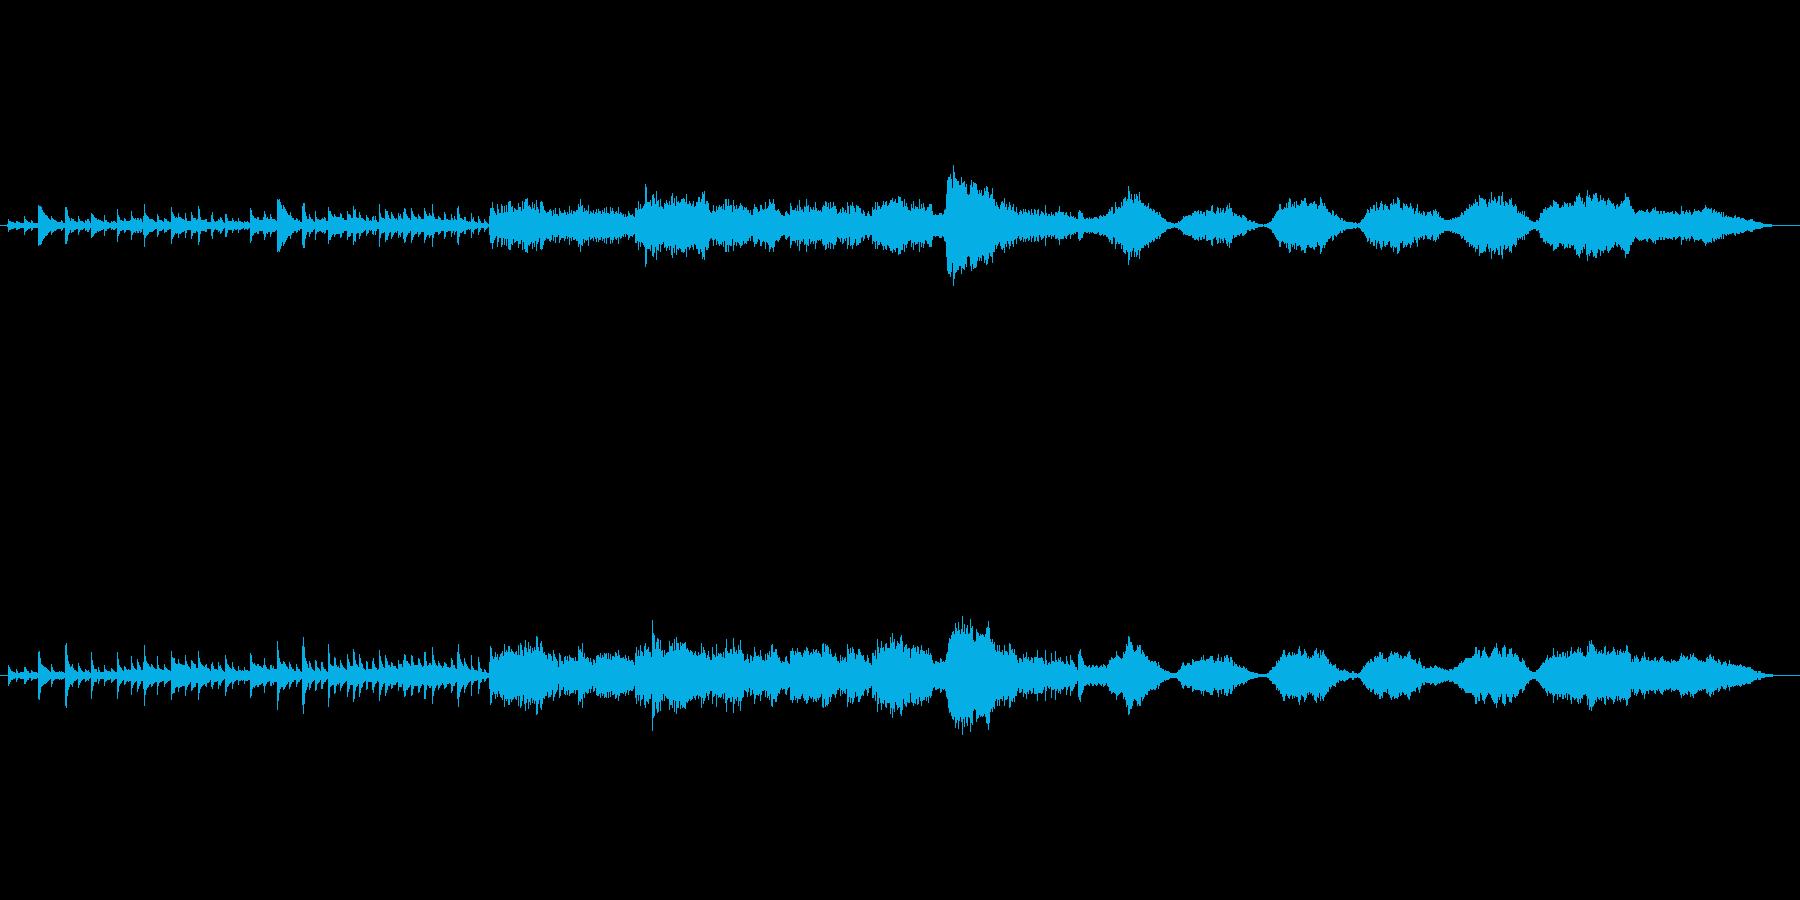 ゆったりとしたギター曲の再生済みの波形